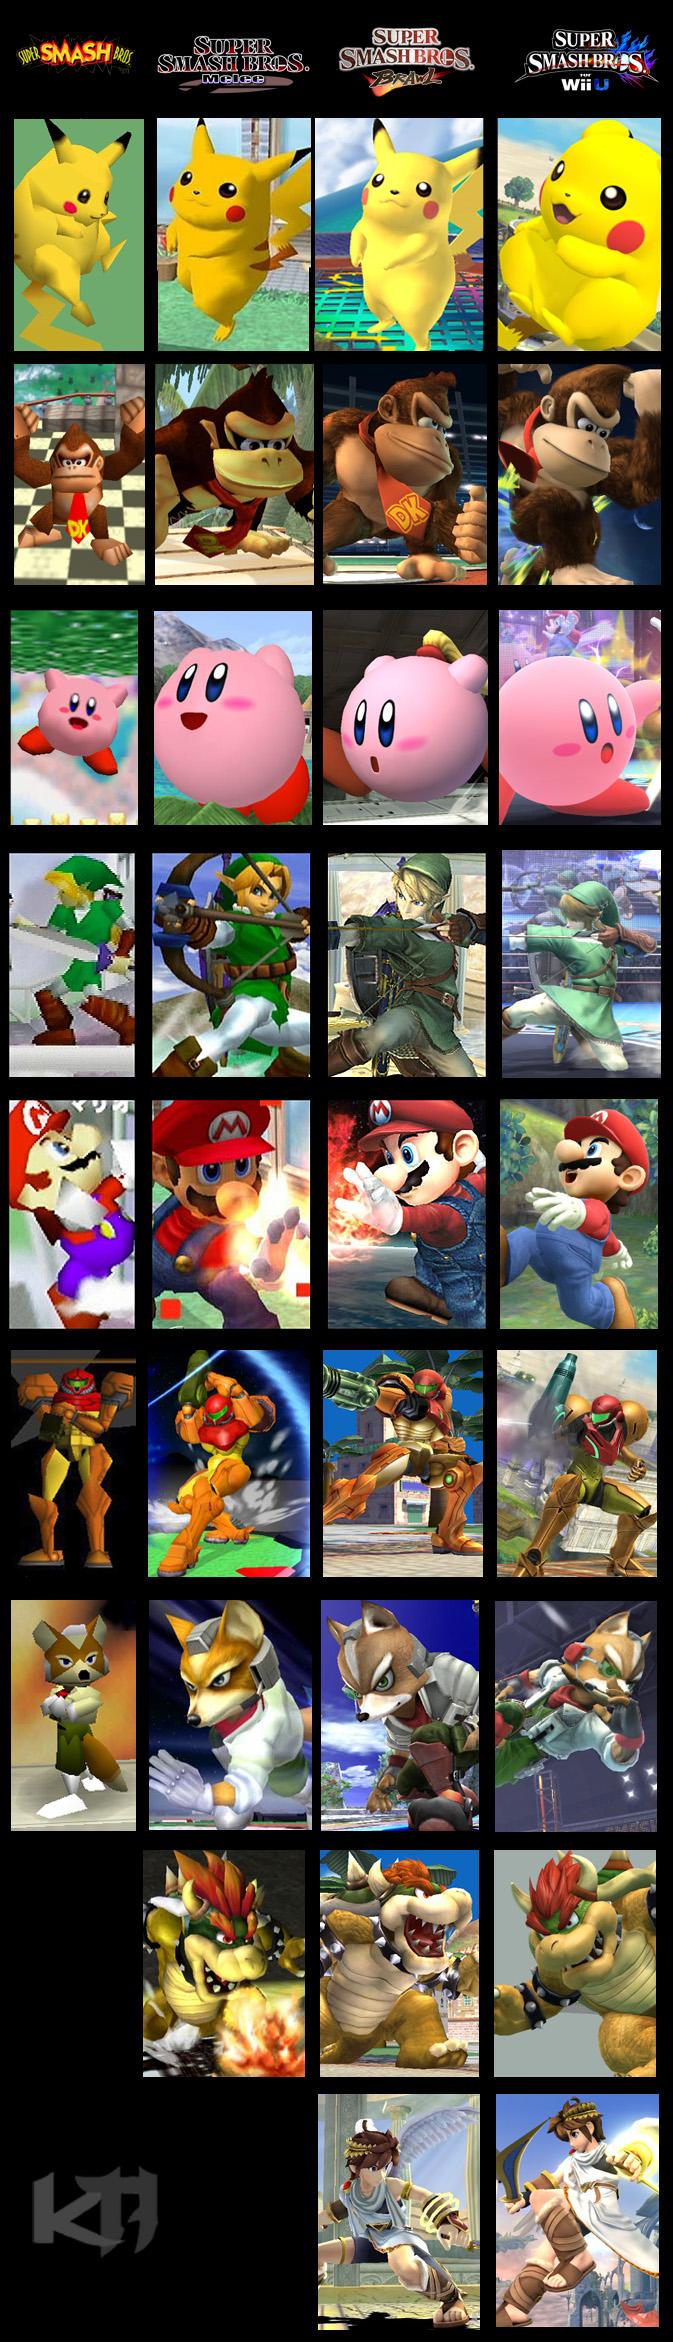 Gemütlich Super Smash Bros Wii Färbung Seiten Ideen - Entry Level ...